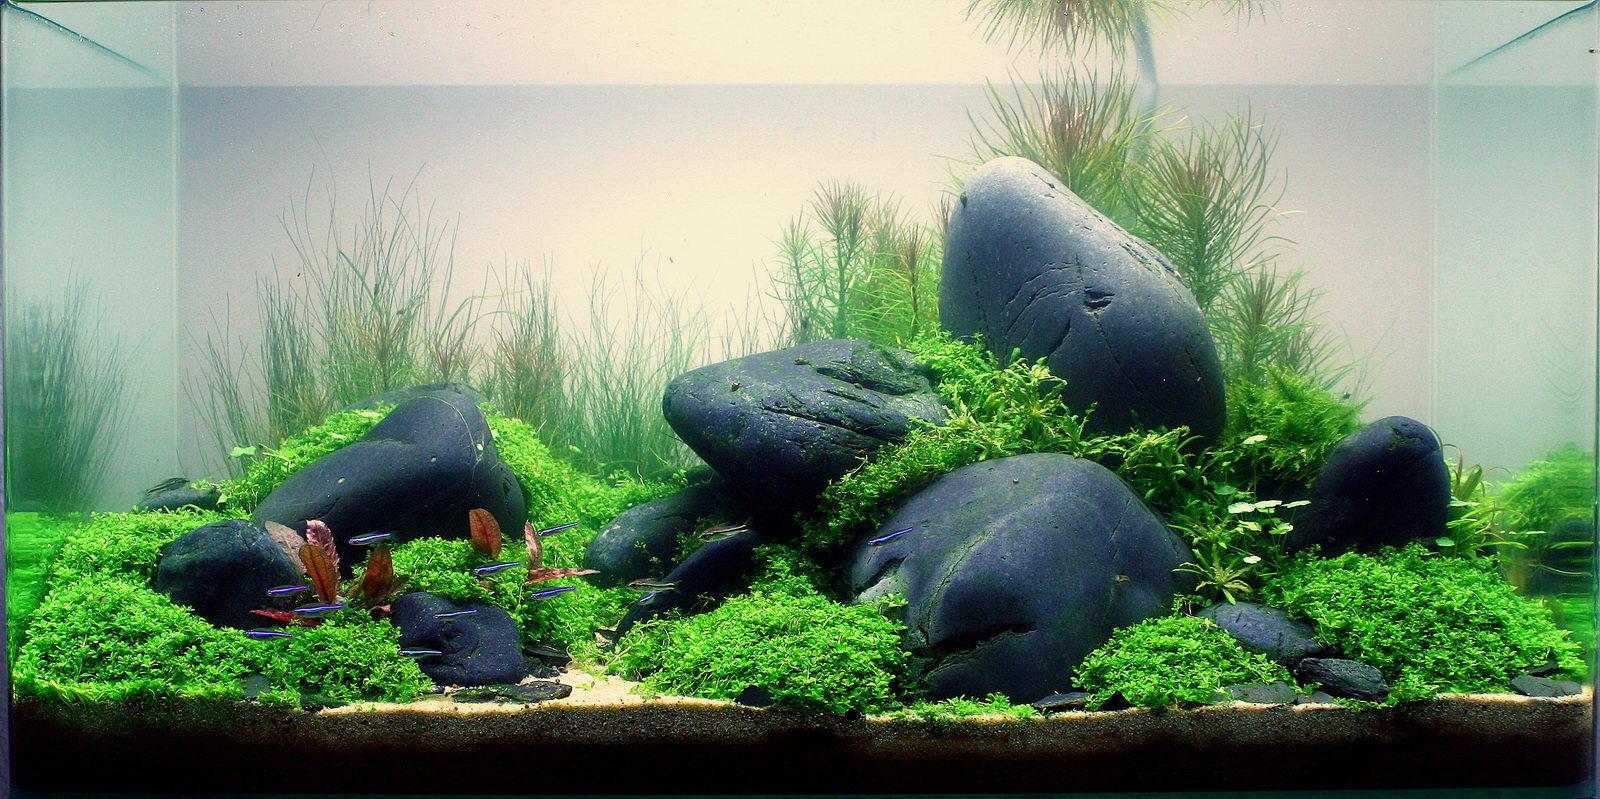 Bố cục hồ thủy sinh với đá cuội